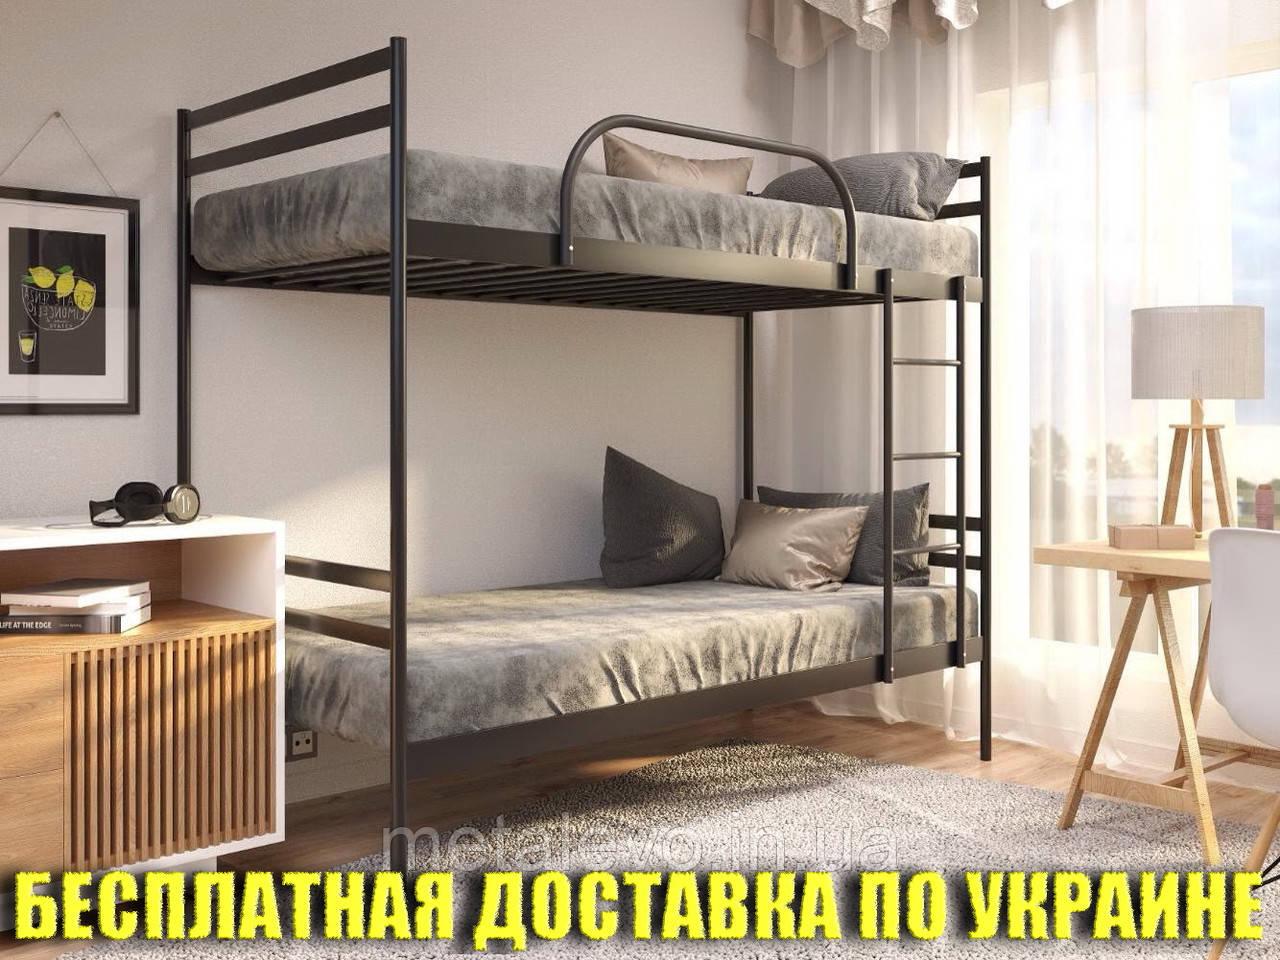 Двухъярусная металлическая кровать КОМФОРТ ДУО (COMFORT DUO) 90х190